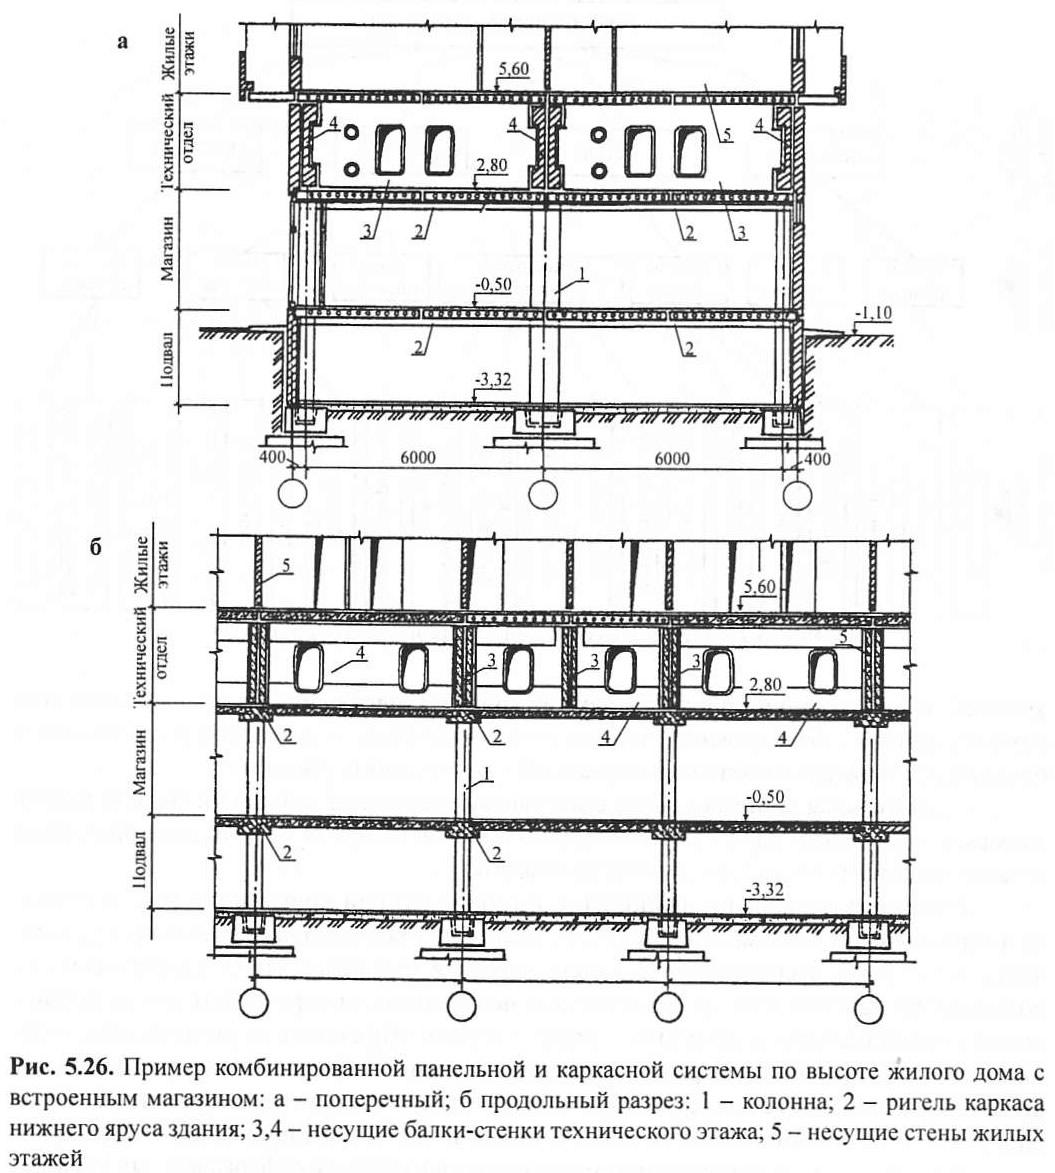 Рис. 5.26. Пример комбинированной панельной и каркасной системы